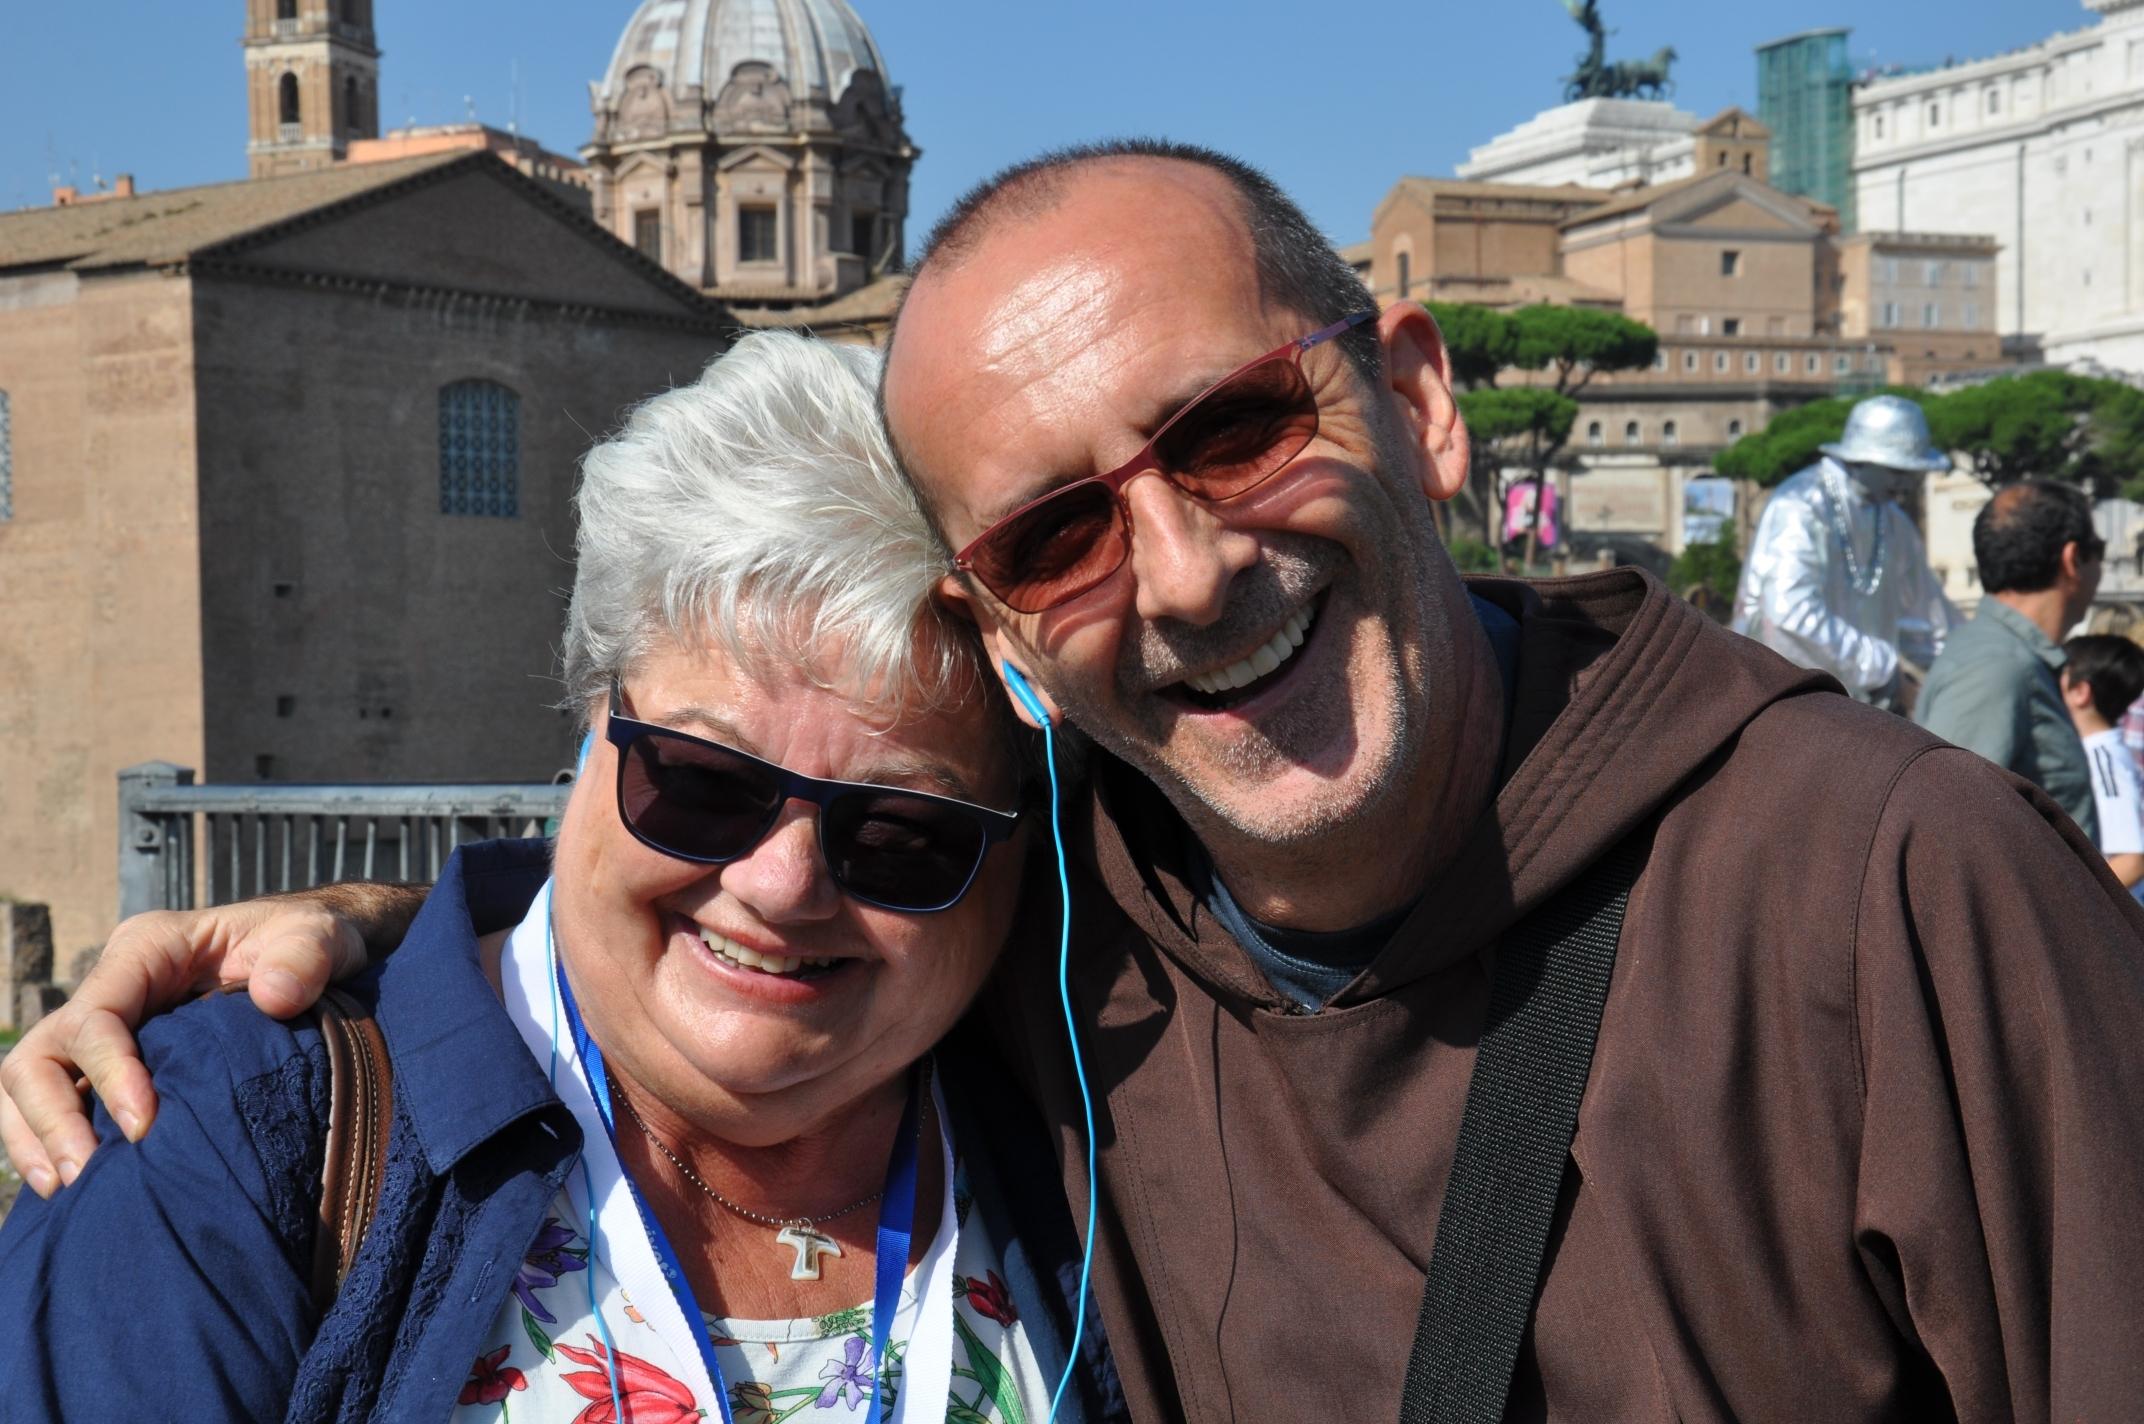 Opera San Francesco diventa volontario